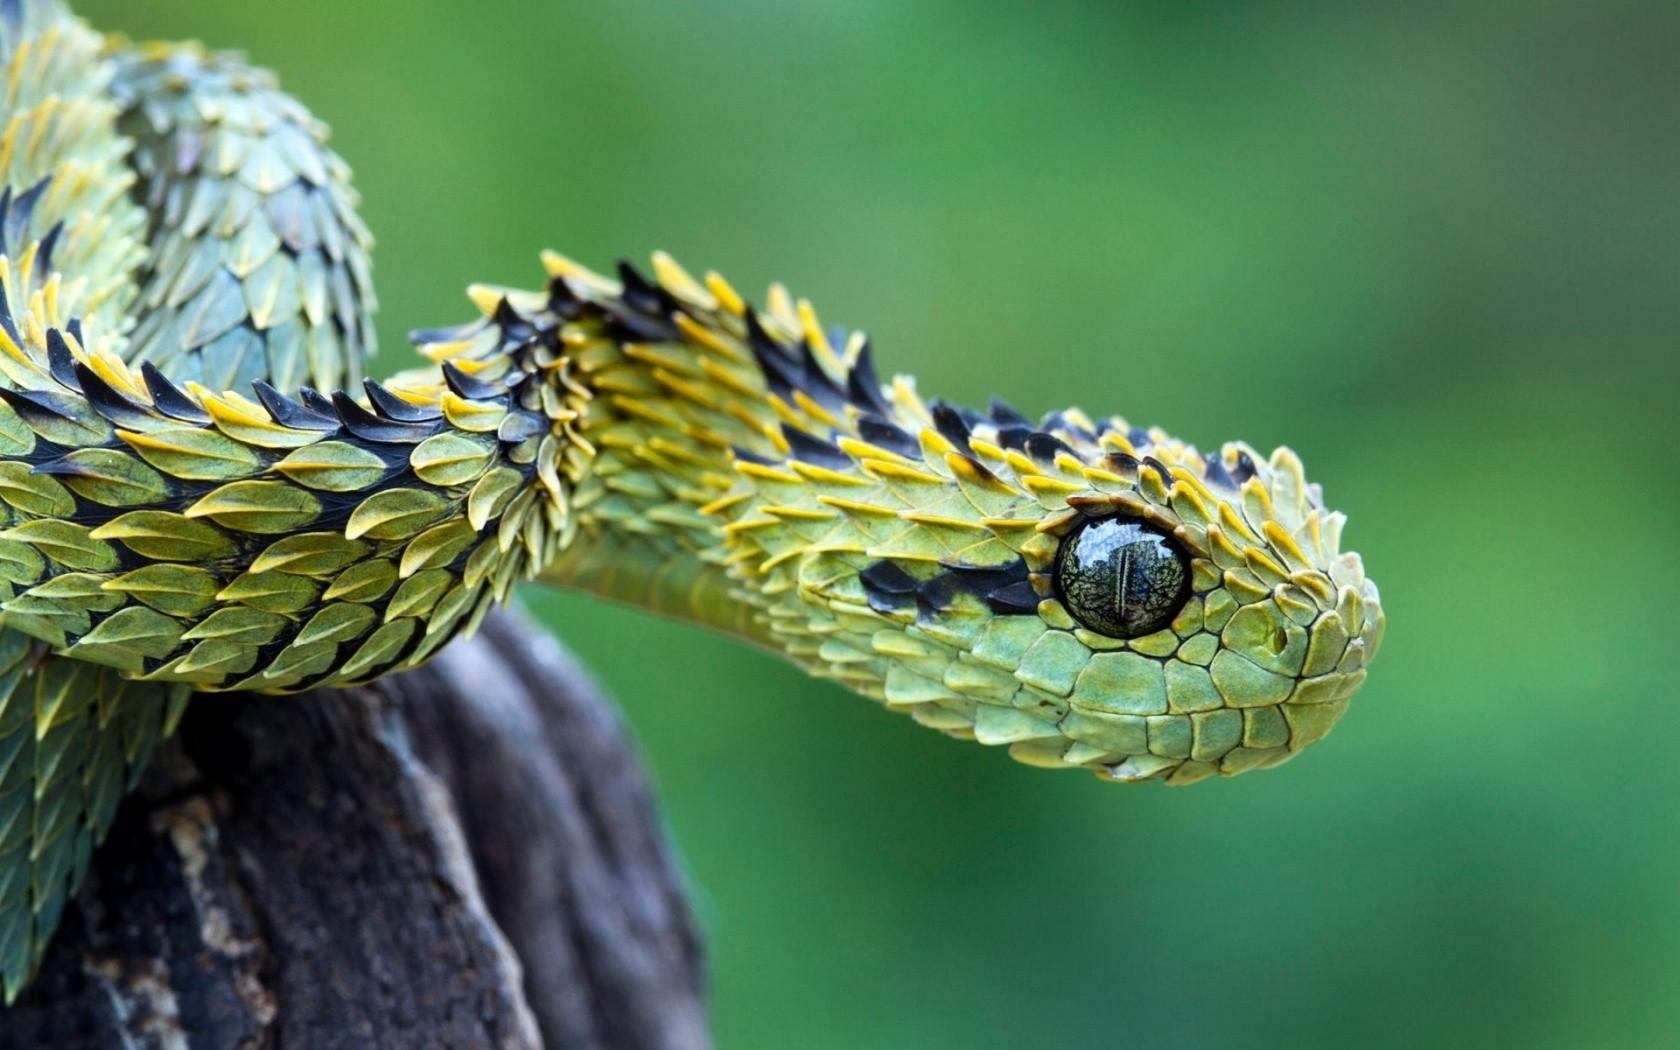 南非身上長滿綠葉子的蛇1